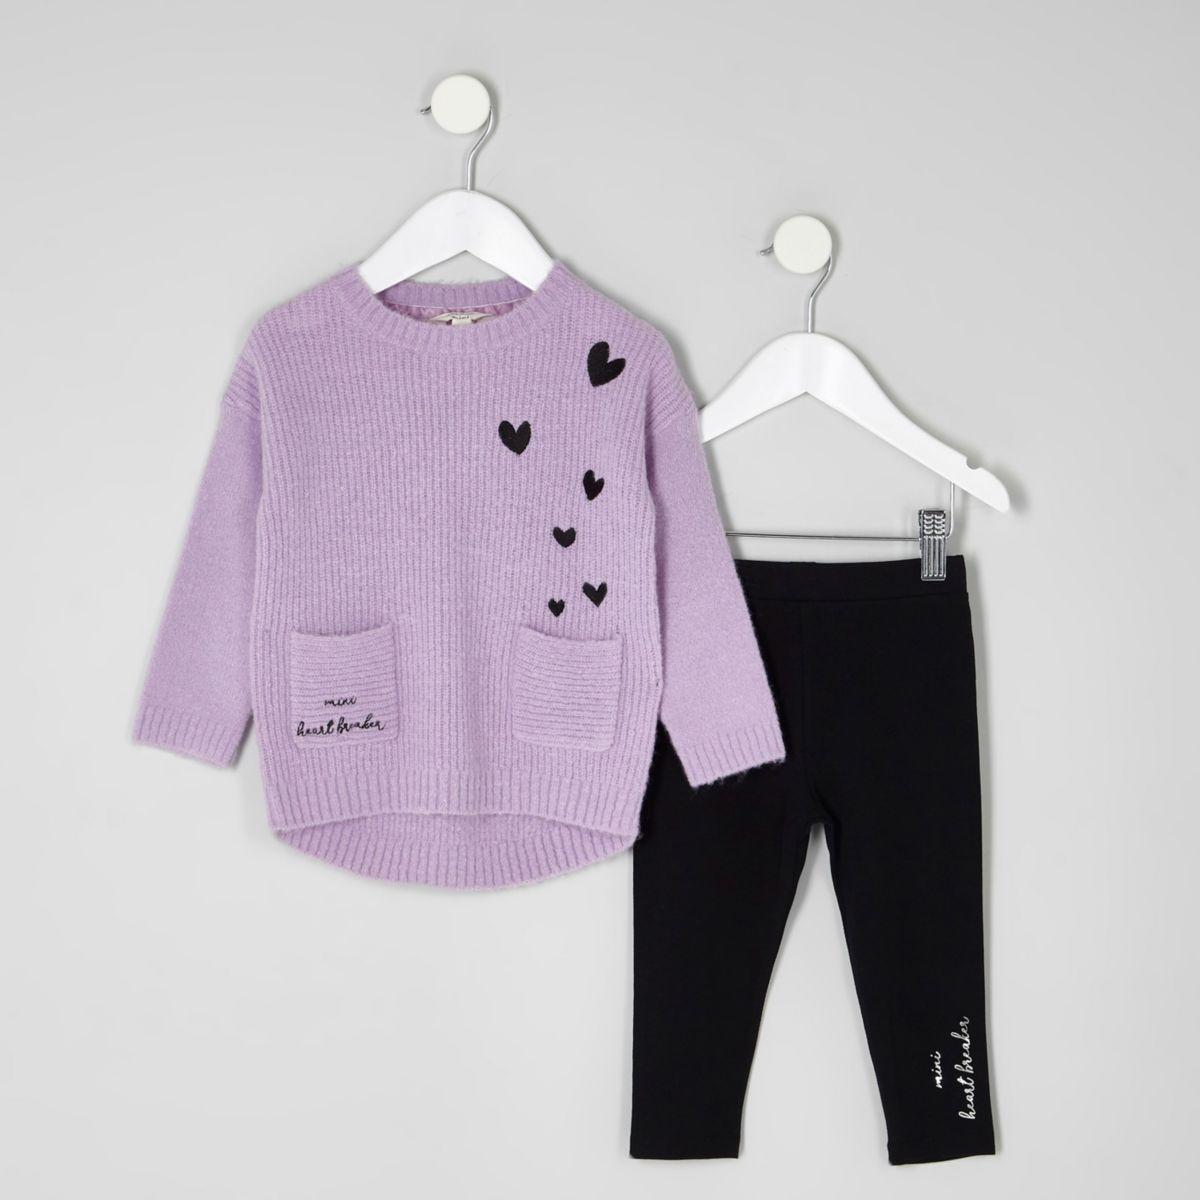 Mini - Outfit met paarse pullover en legging voor meisjes